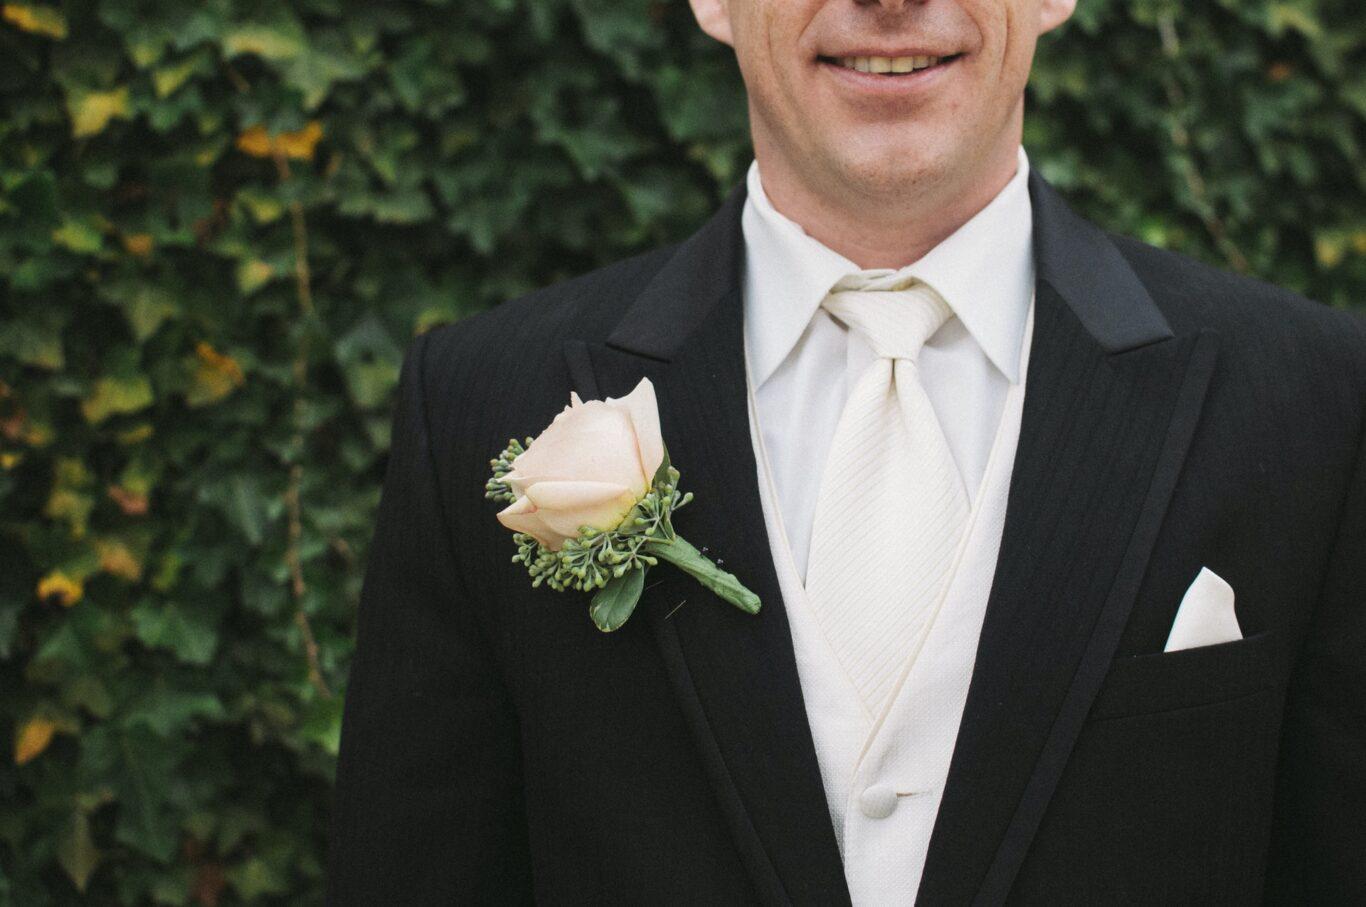 γαμπρός σε επίσημο γάμο